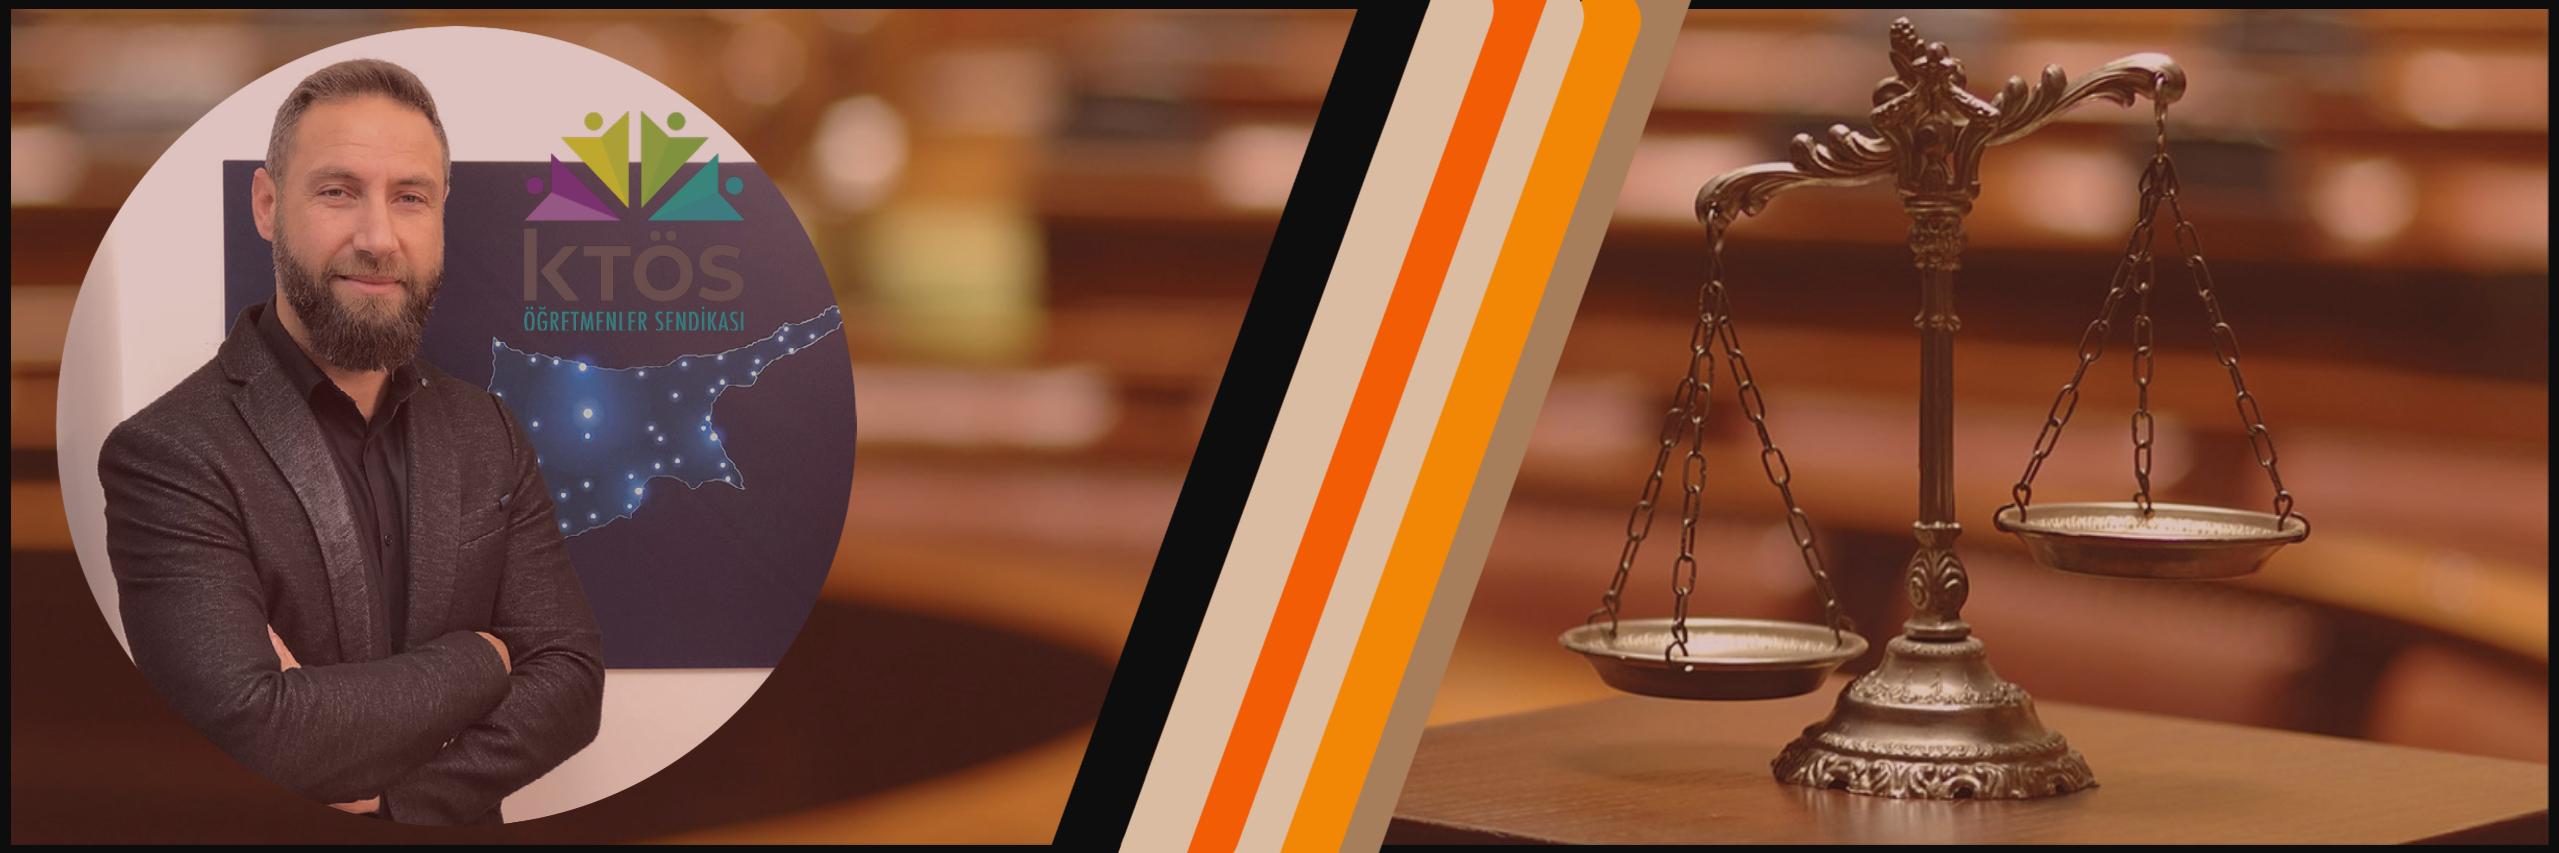 KTÖS: Yargı bağımsızlığına sahip çıkıyoruz!